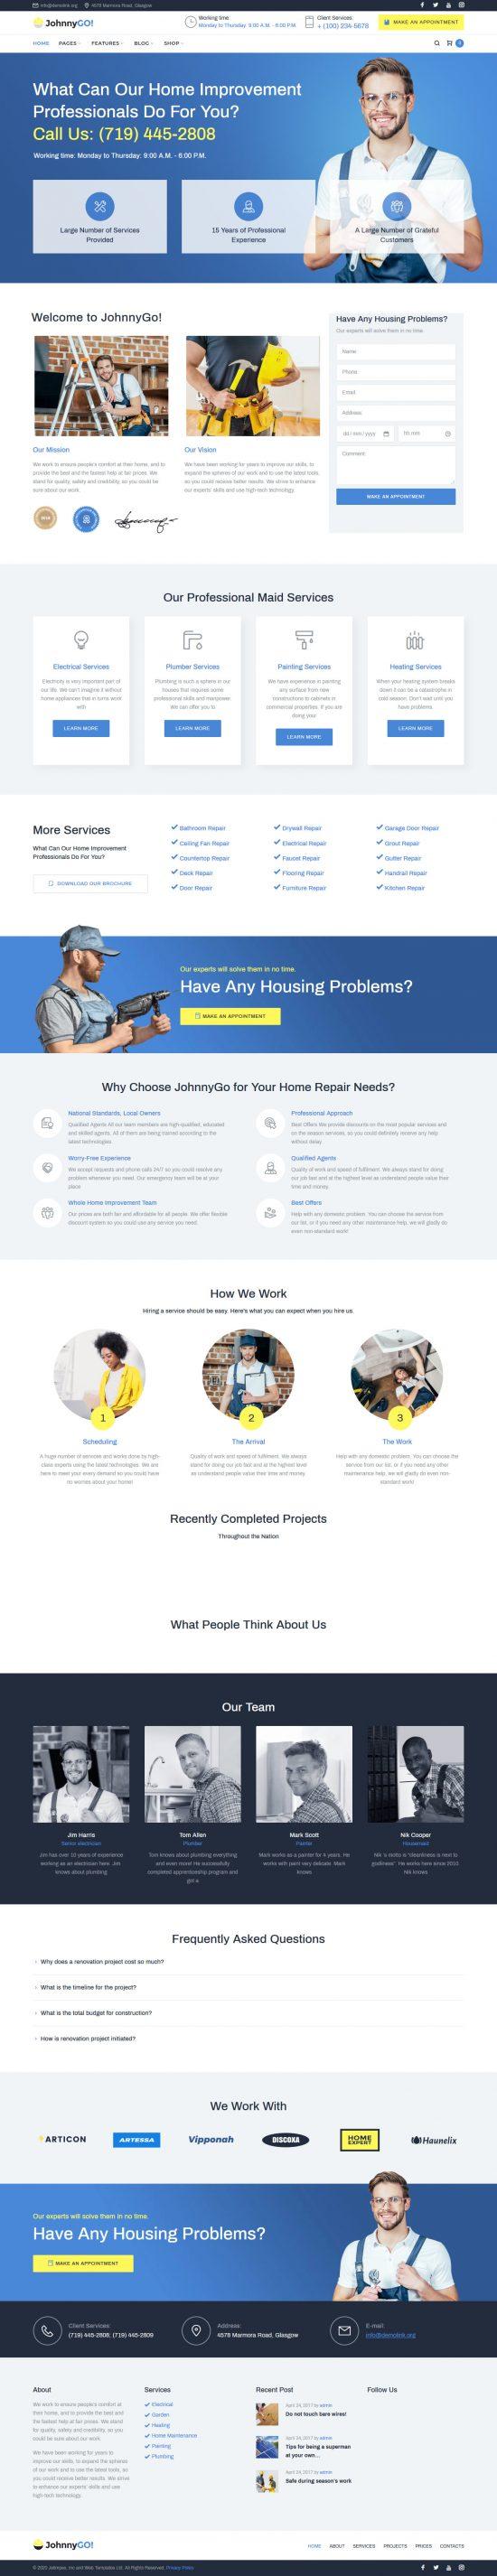 johnnygo premium wordpress theme 01 550x2852 - JohnnyGo Premium WordPress Theme